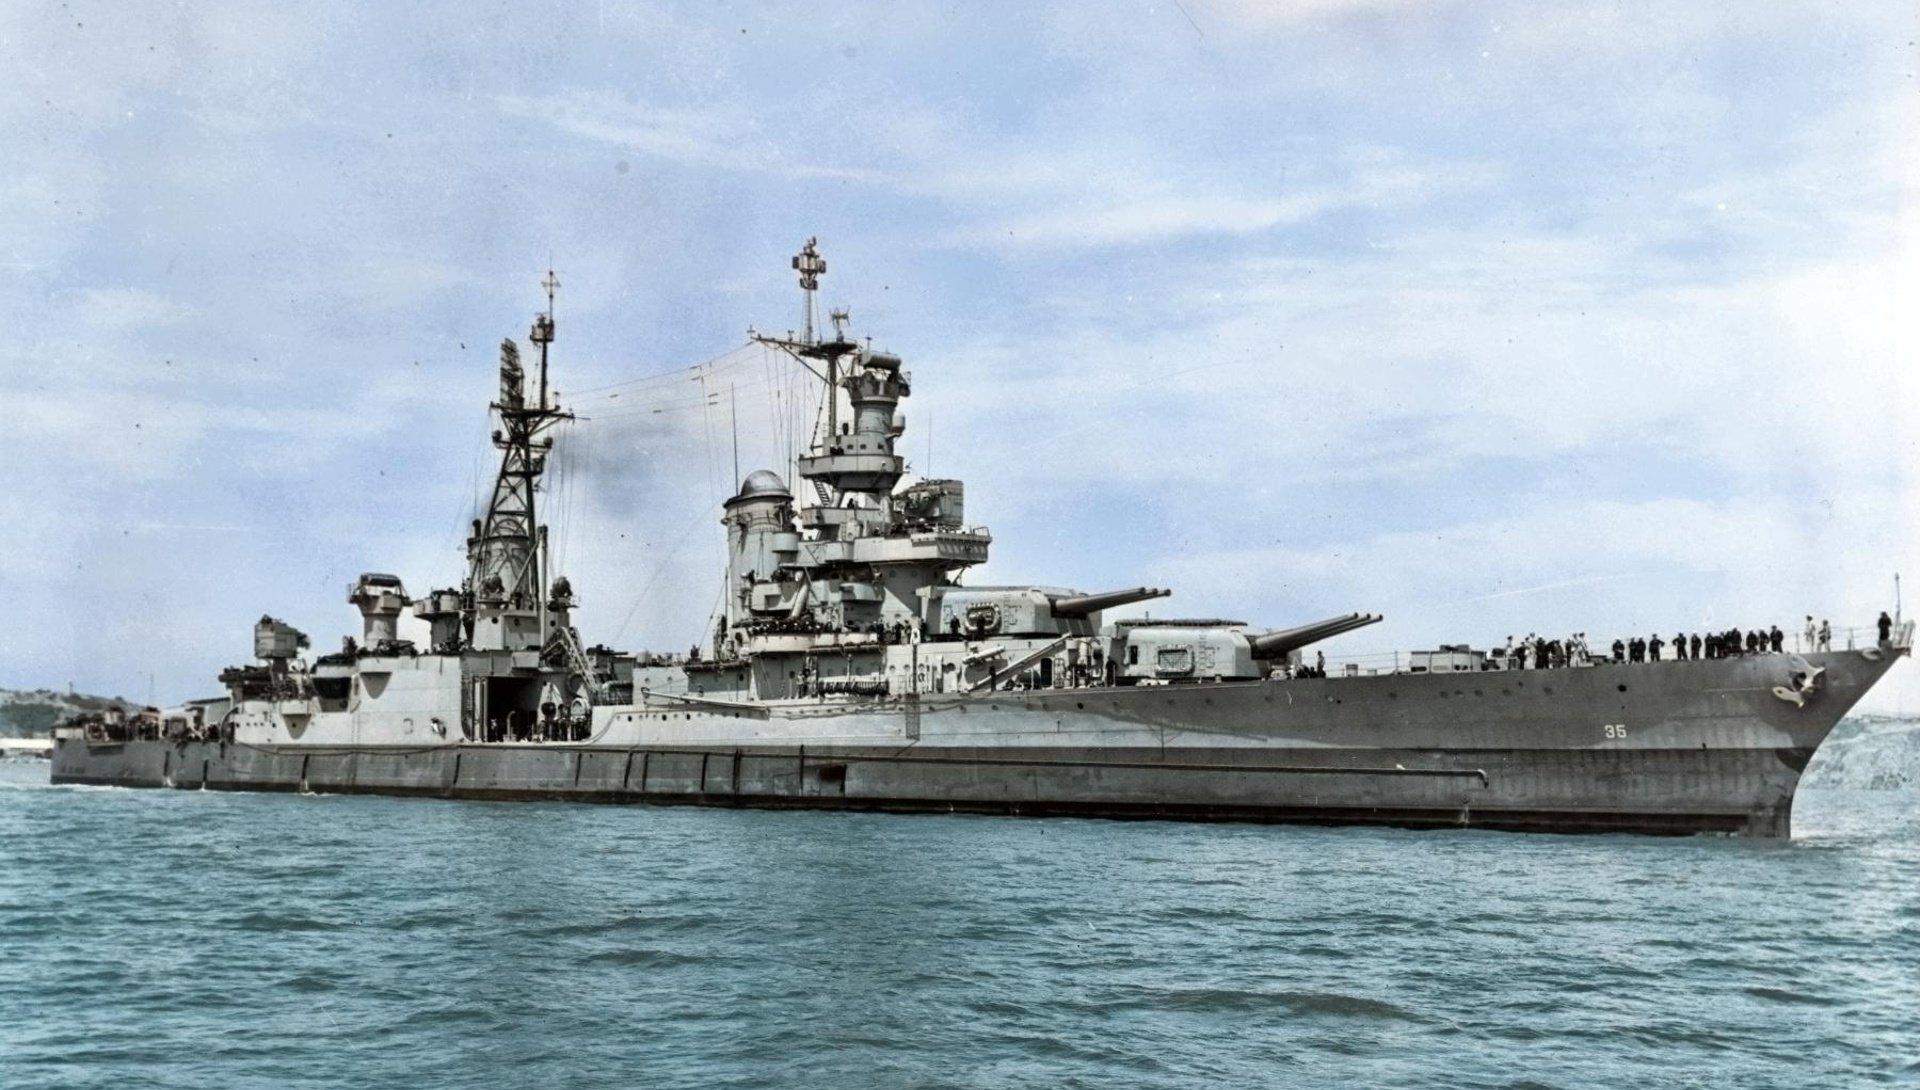 Žraloci, halucinace a stovky mrtvých. Tragický příběh lodi, která přivezla jadernou bombu shozenou na Hirošimu